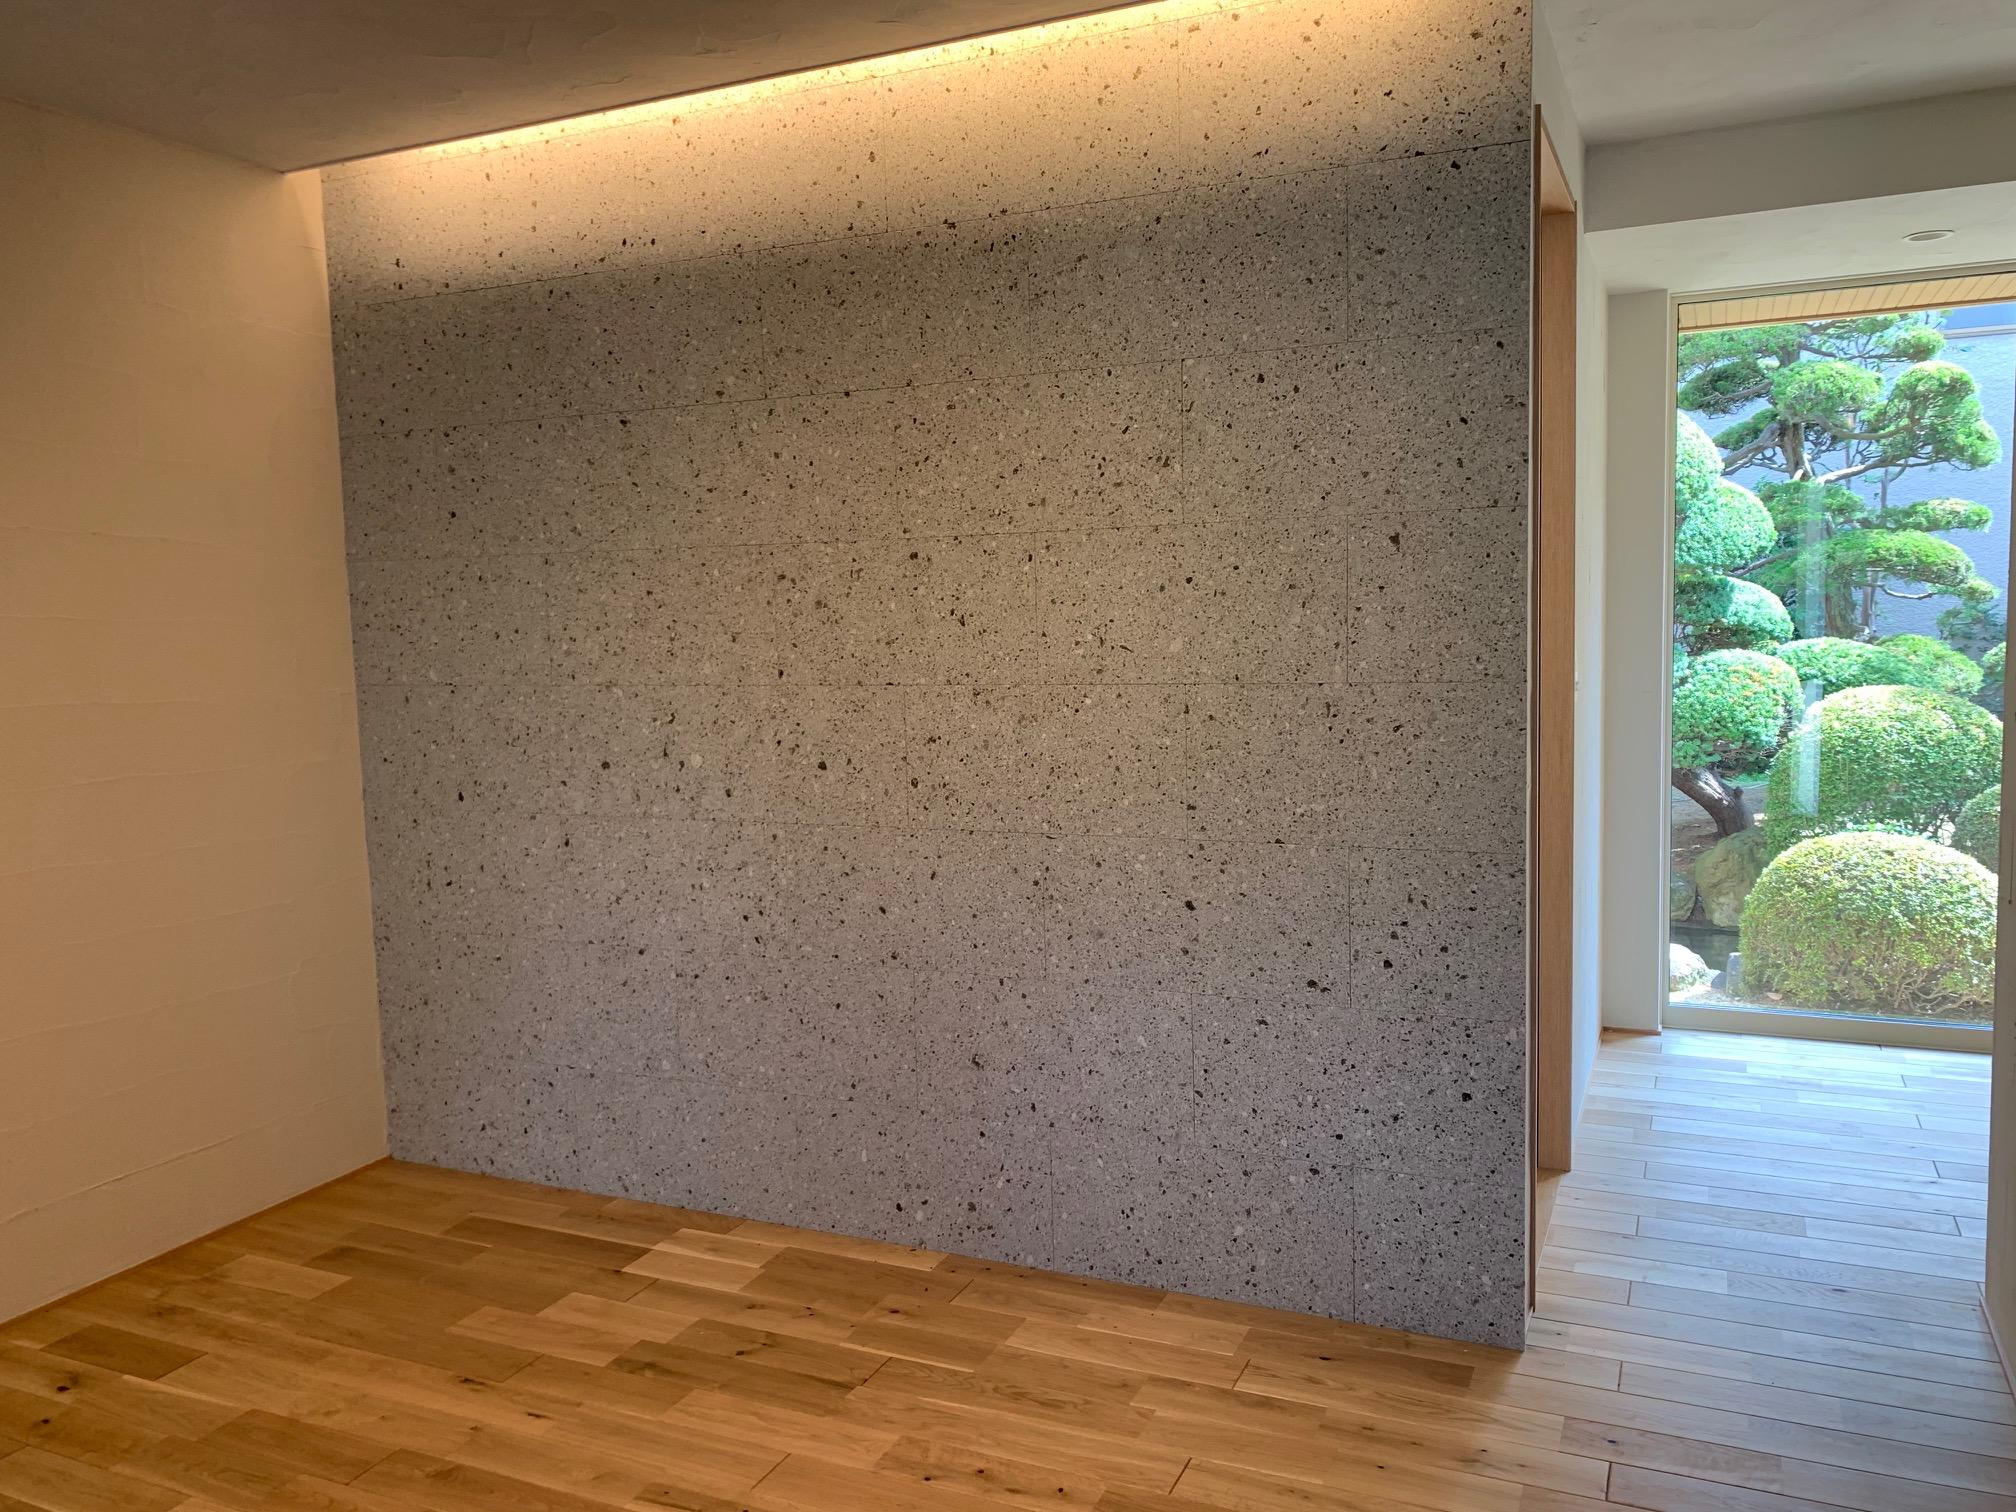 細目にダイヤ挽きで20×300×600を施工しました。1階ホールで玄関入って正面に貼ってあり存在感があります。ダウンライトの光で大谷石は温かく、柔らかな風合いを感じられます。